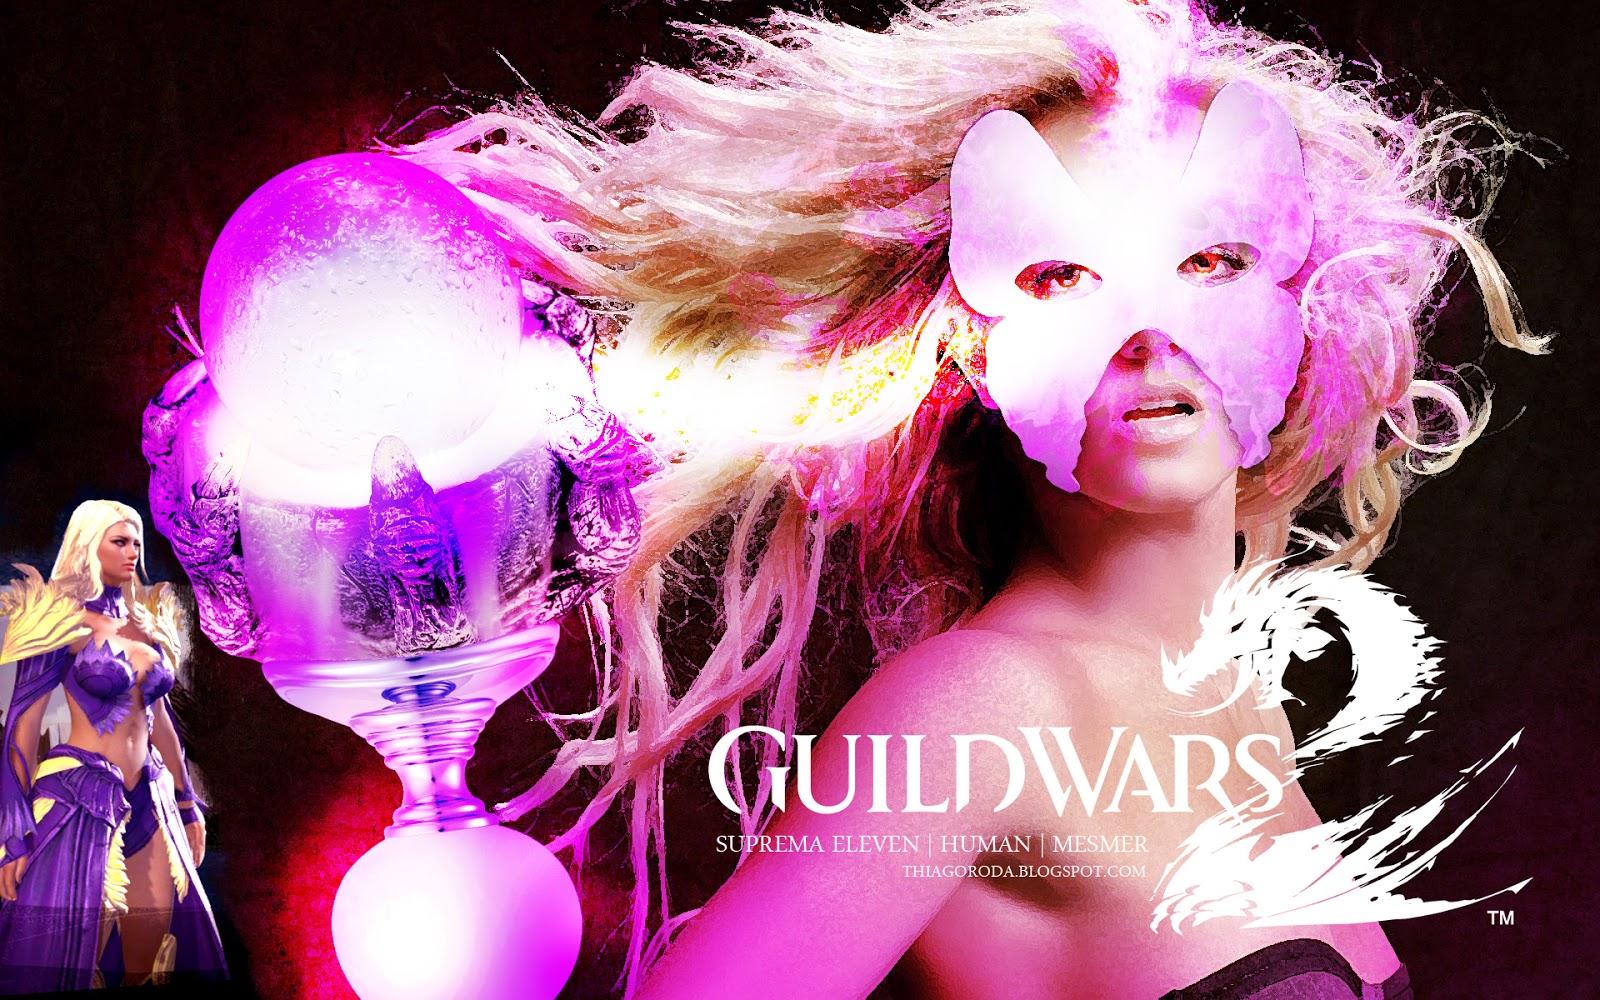 http://2.bp.blogspot.com/-Tmx4oAC4mhU/UJLxjcIho3I/AAAAAAAABMU/d9h2tDtDpvI/s1600/suprema_eleven_guild_wars2_mesmer.jpg